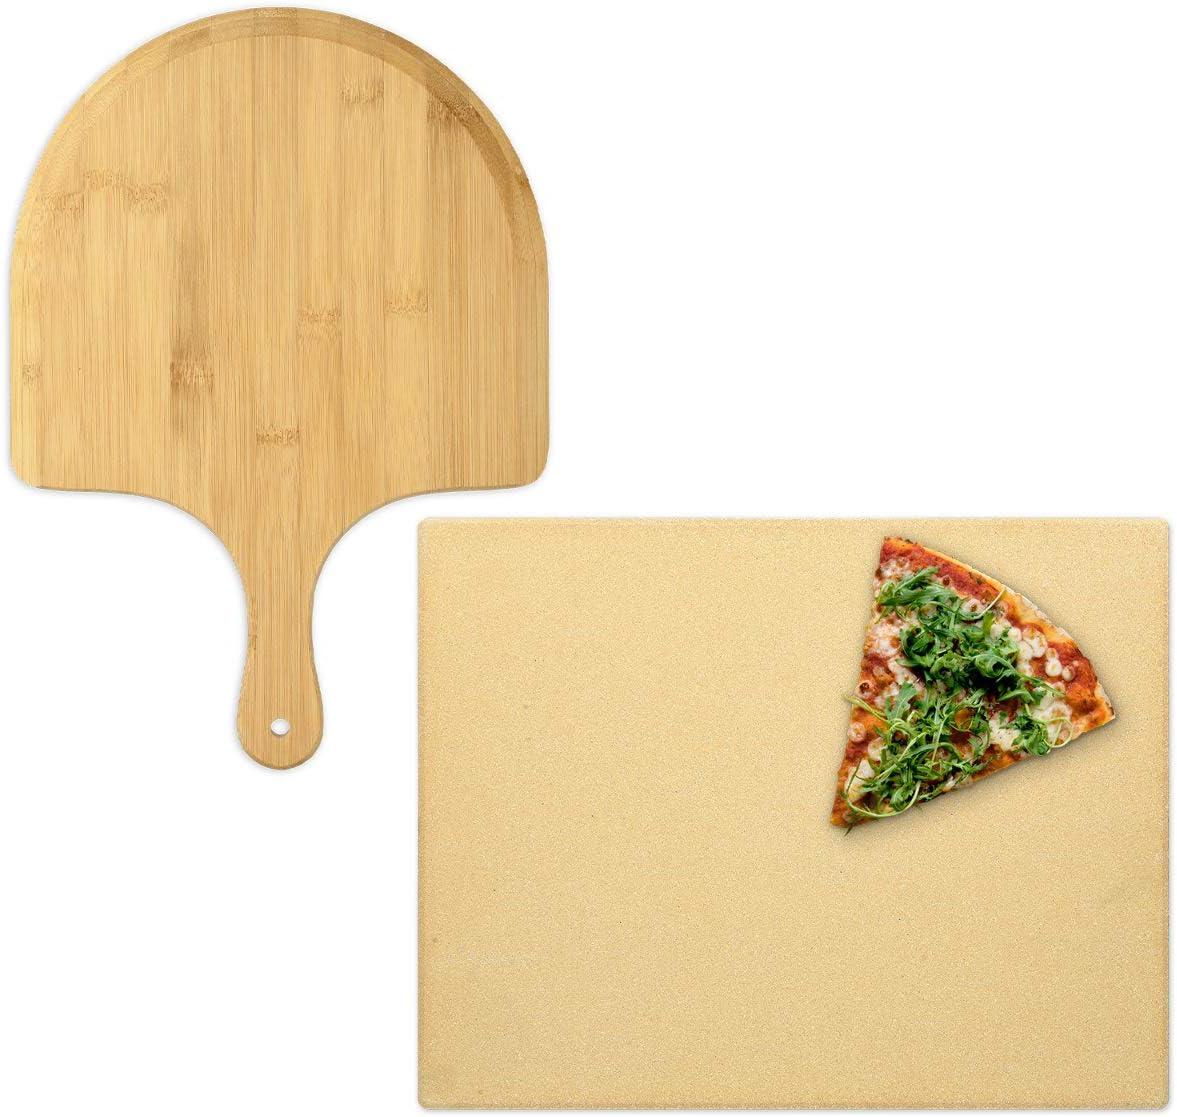 Navaris Pierre /à Pizza avec Pelle Kit Pierre /à Pizza Rectangulaire XL avec Pelle en Bambou Four Traditionnel Bois Barbecue Grill et Charbon